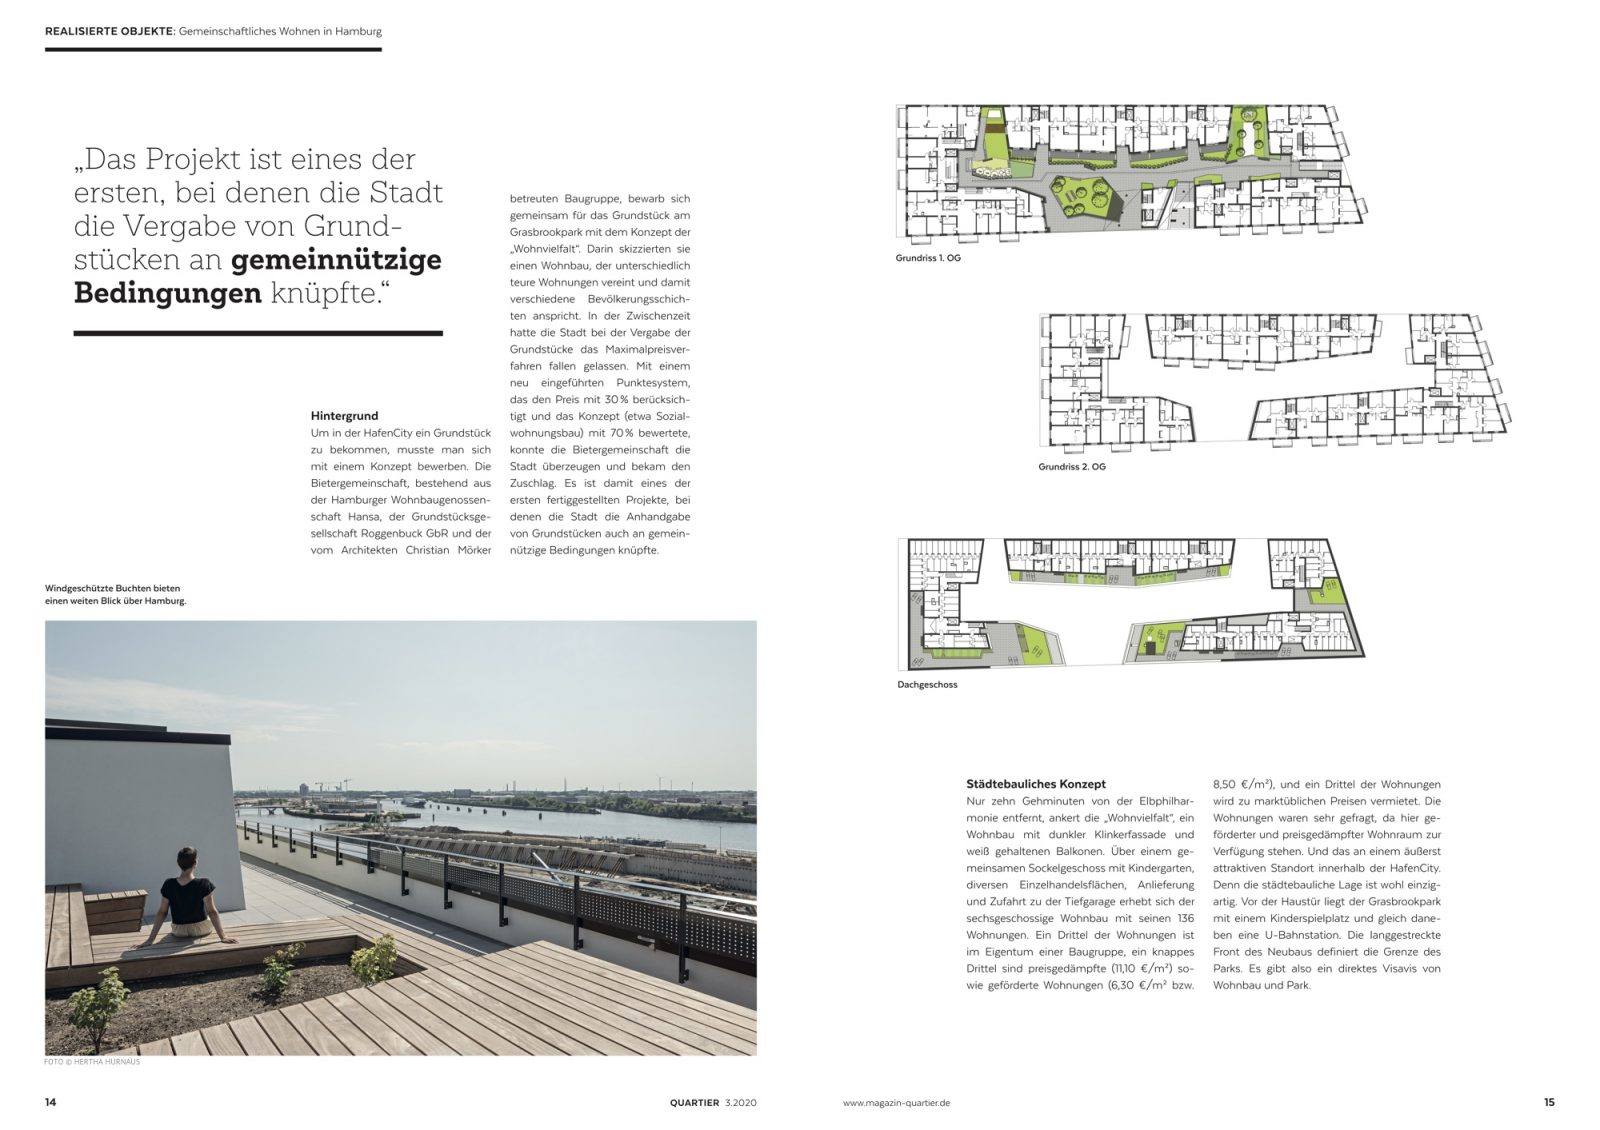 Das Projekt ist eines der ersten, bei denen die Stadt die Vergabe der Grundstücke an gemeinnützige Bedingungen knüpfte (Bild: QUARTIER)